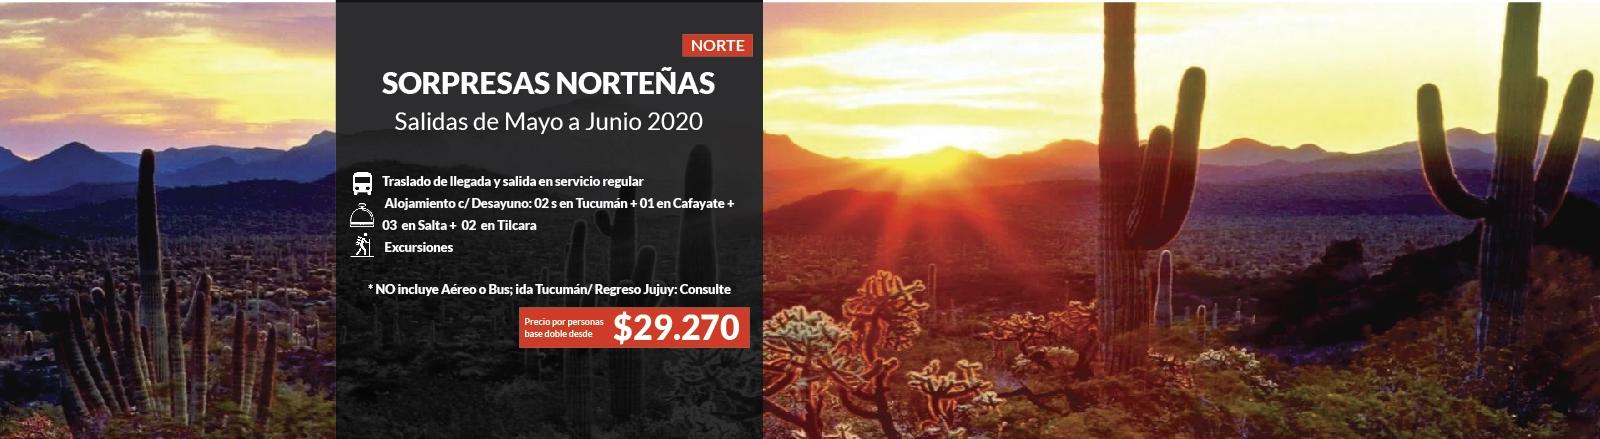 Sorpresas  Norteñas - Tucumán, Salta, Jujuy | Vacaciones